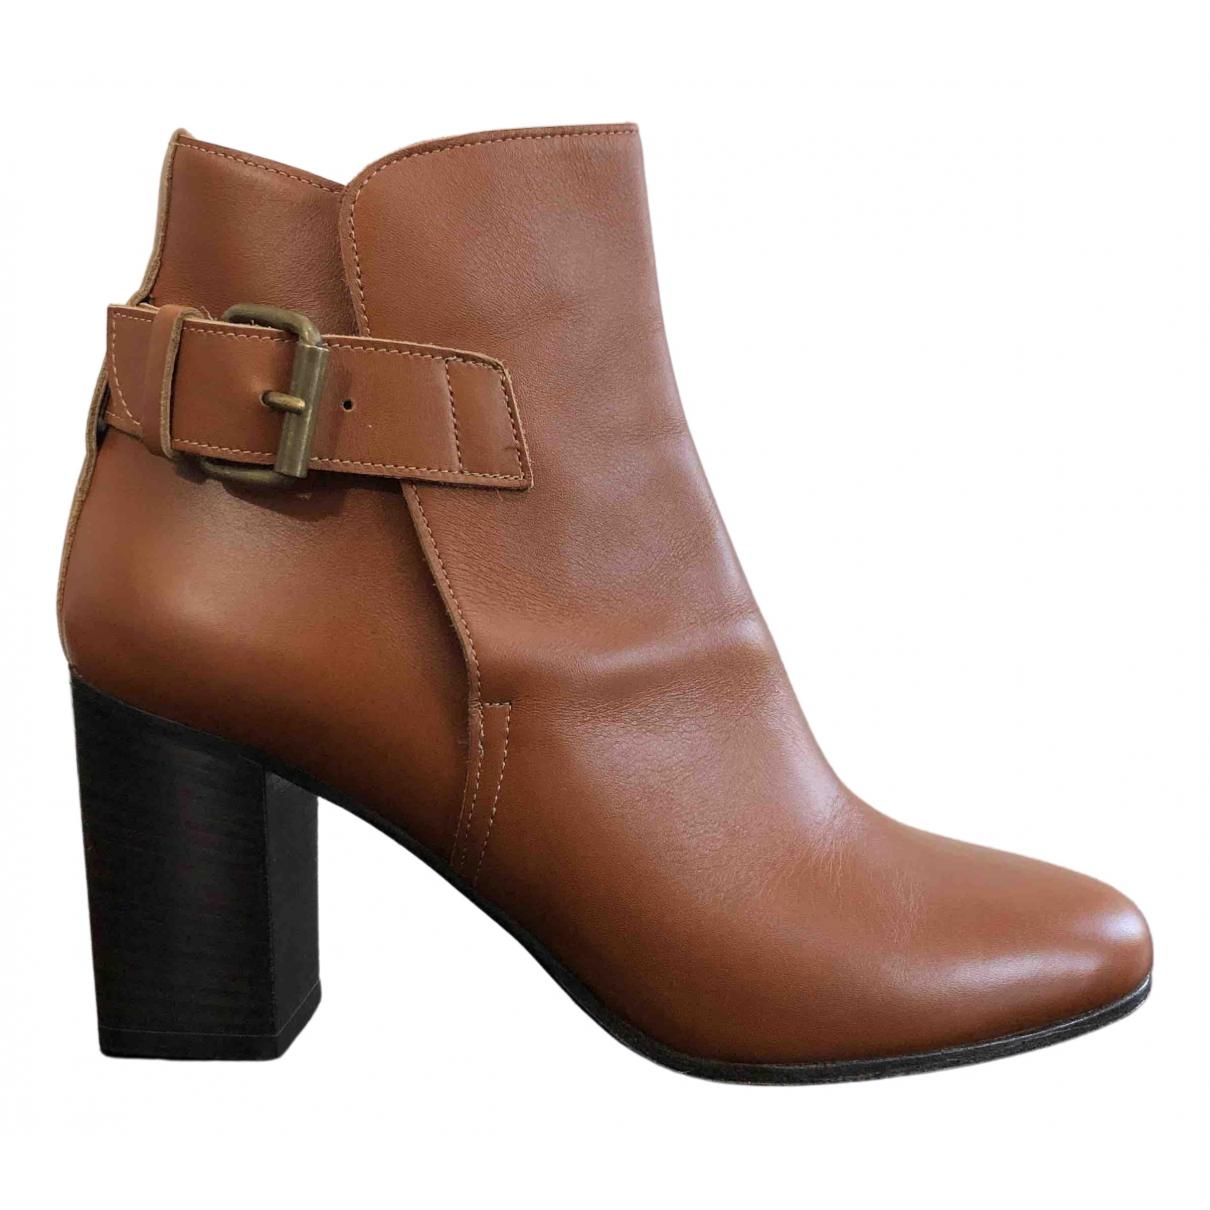 Michel Vivien - Boots   pour femme en cuir - camel